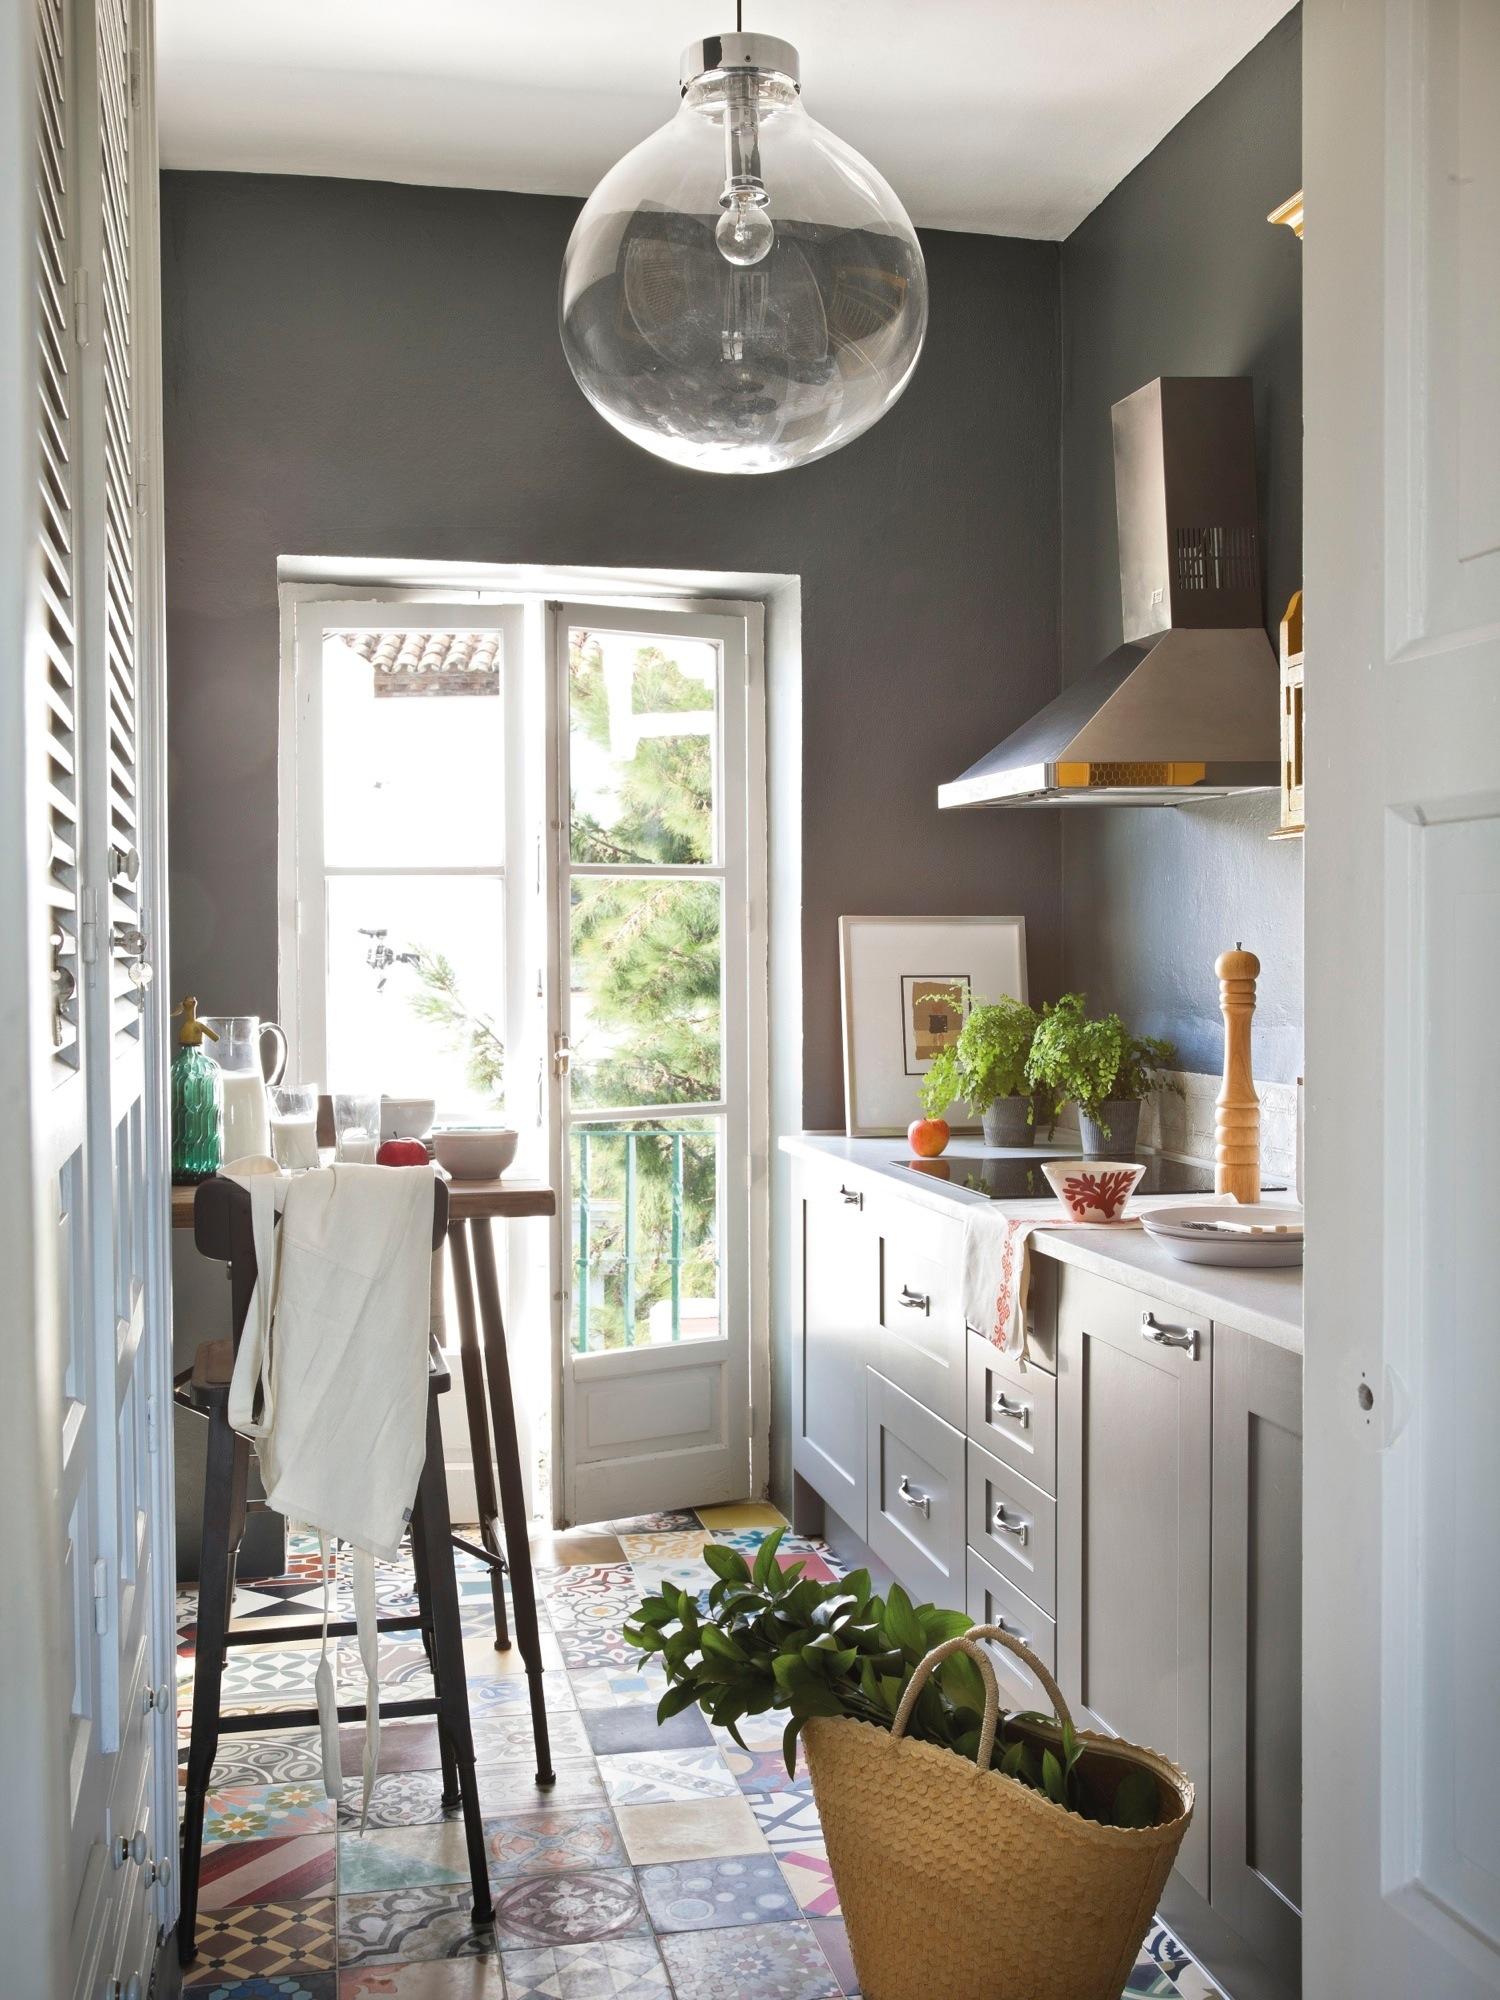 cocina pequea con suelo hidrulico y paredes pintadas de color gris oscuro